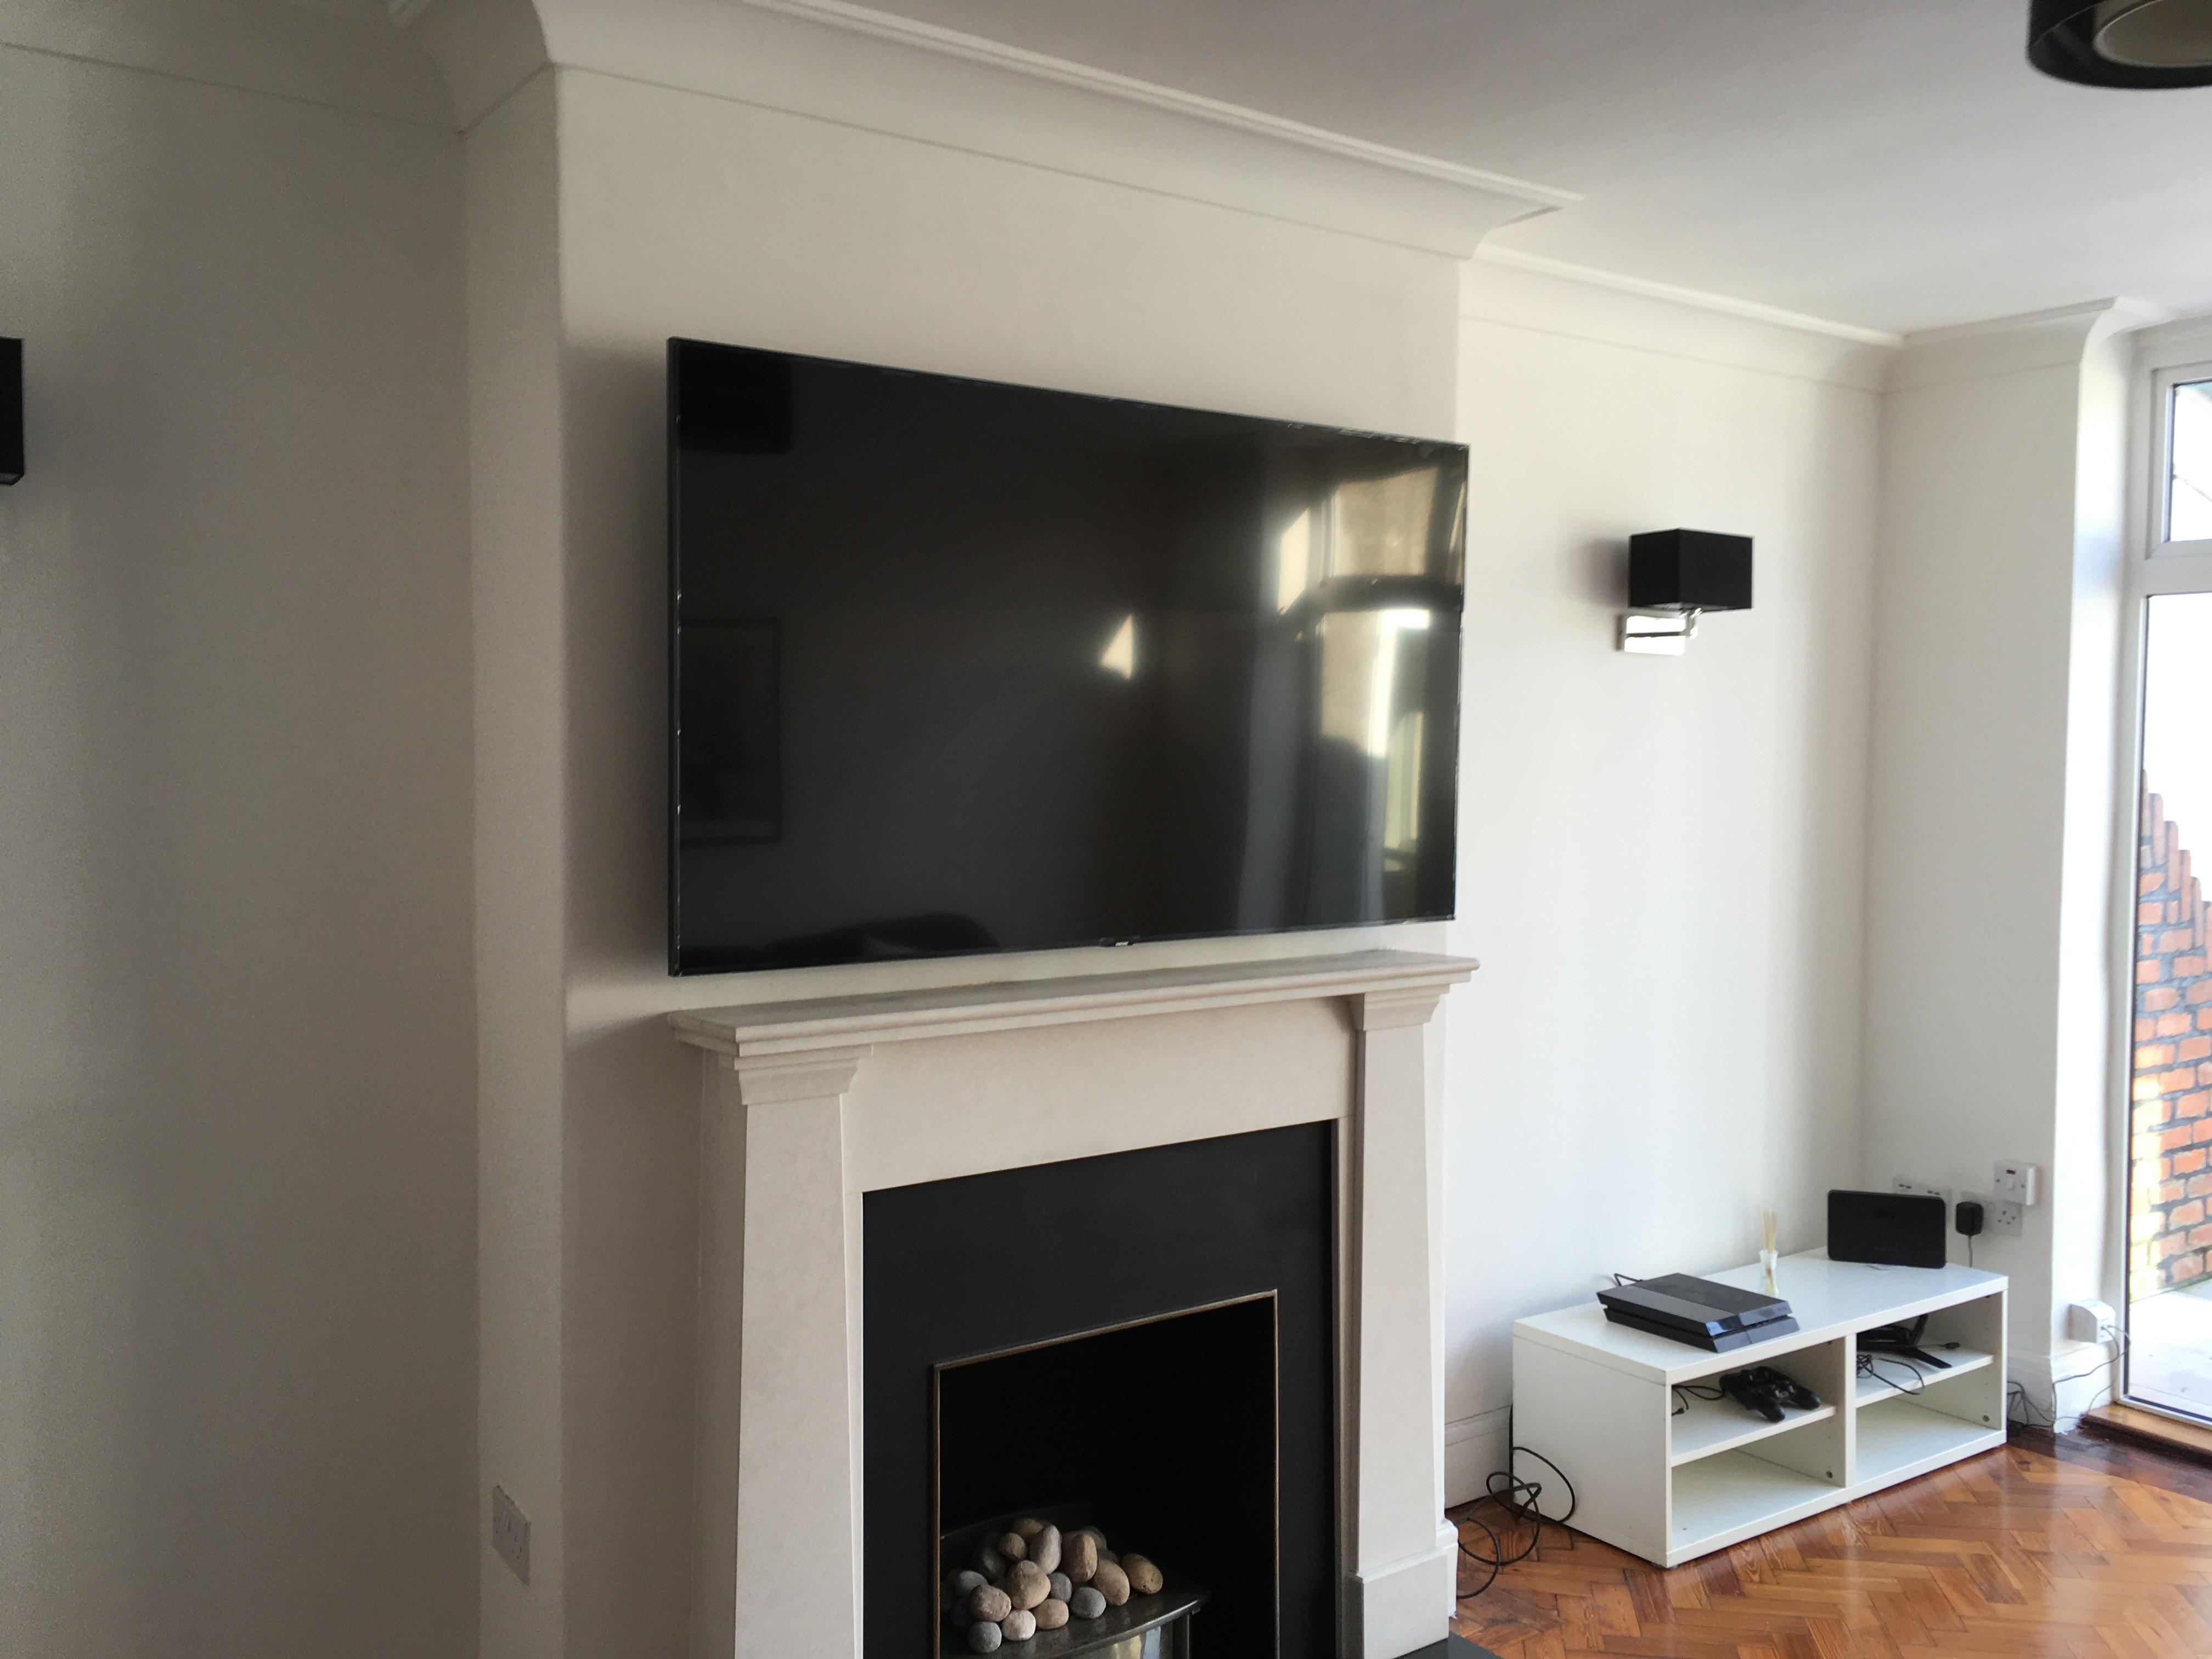 TV Wall Mounting & Home Cinema Setup